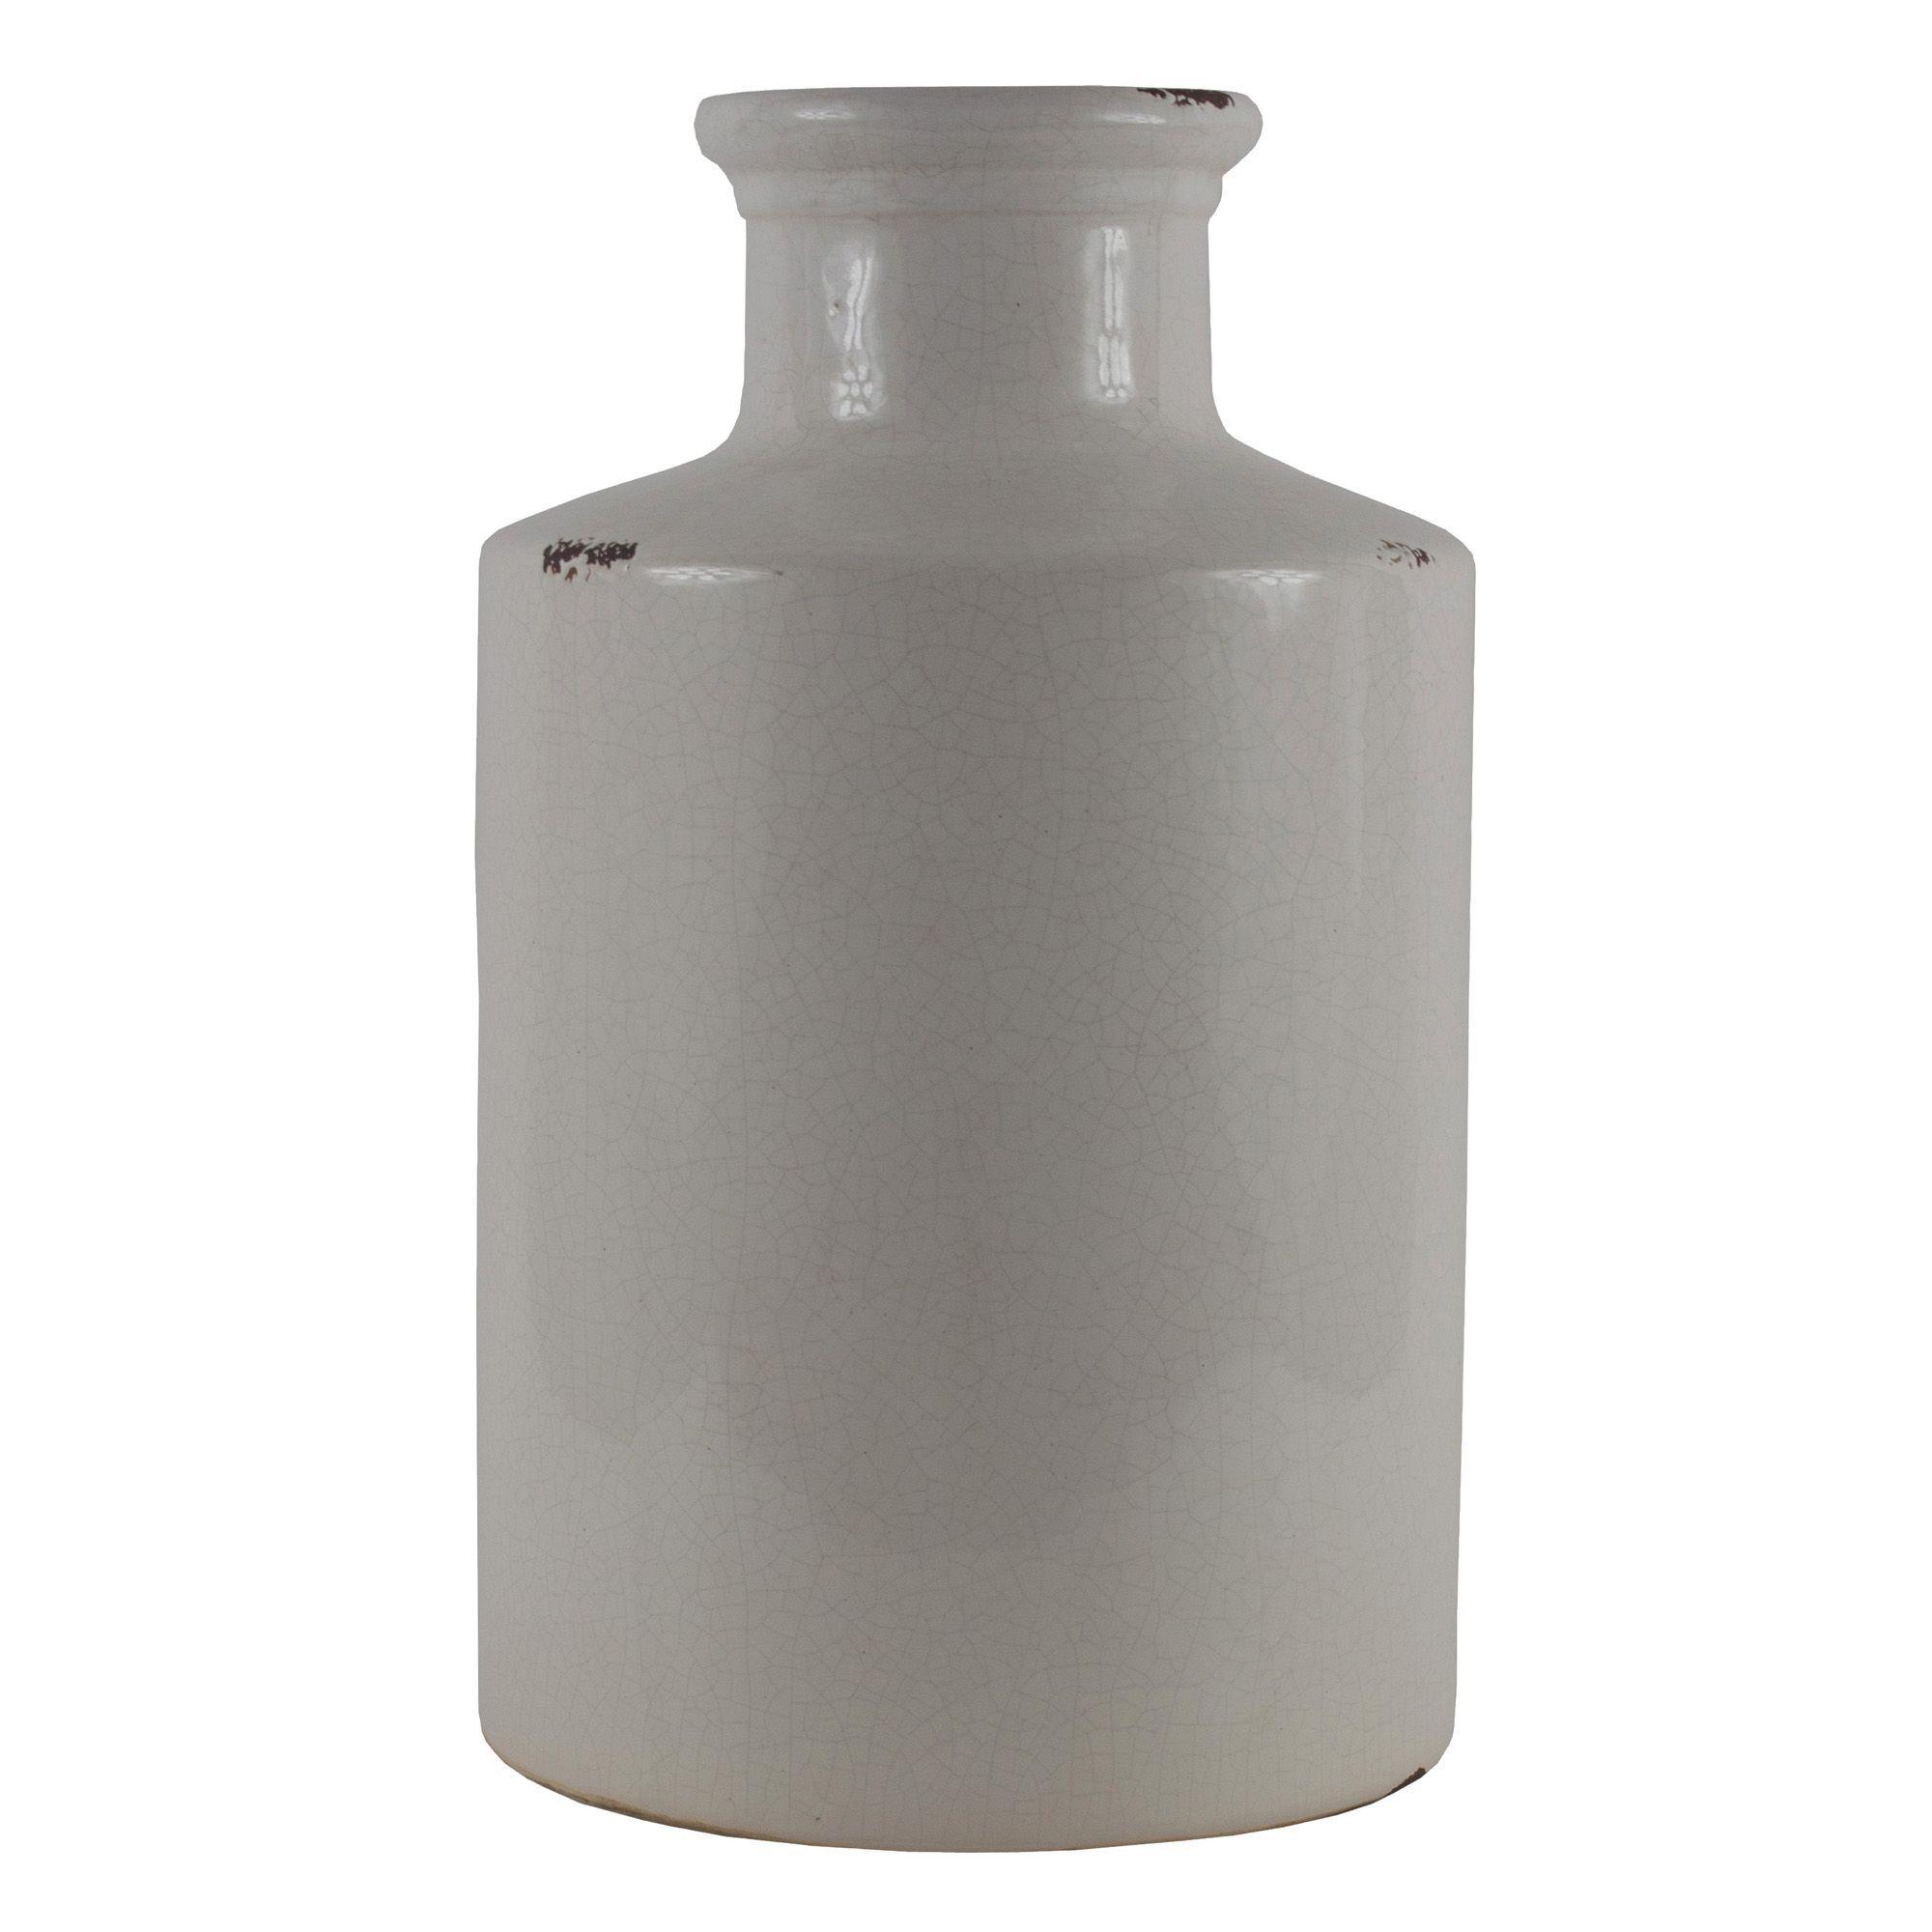 Cream ceramic vase large departments diy at bq reviewsmspy